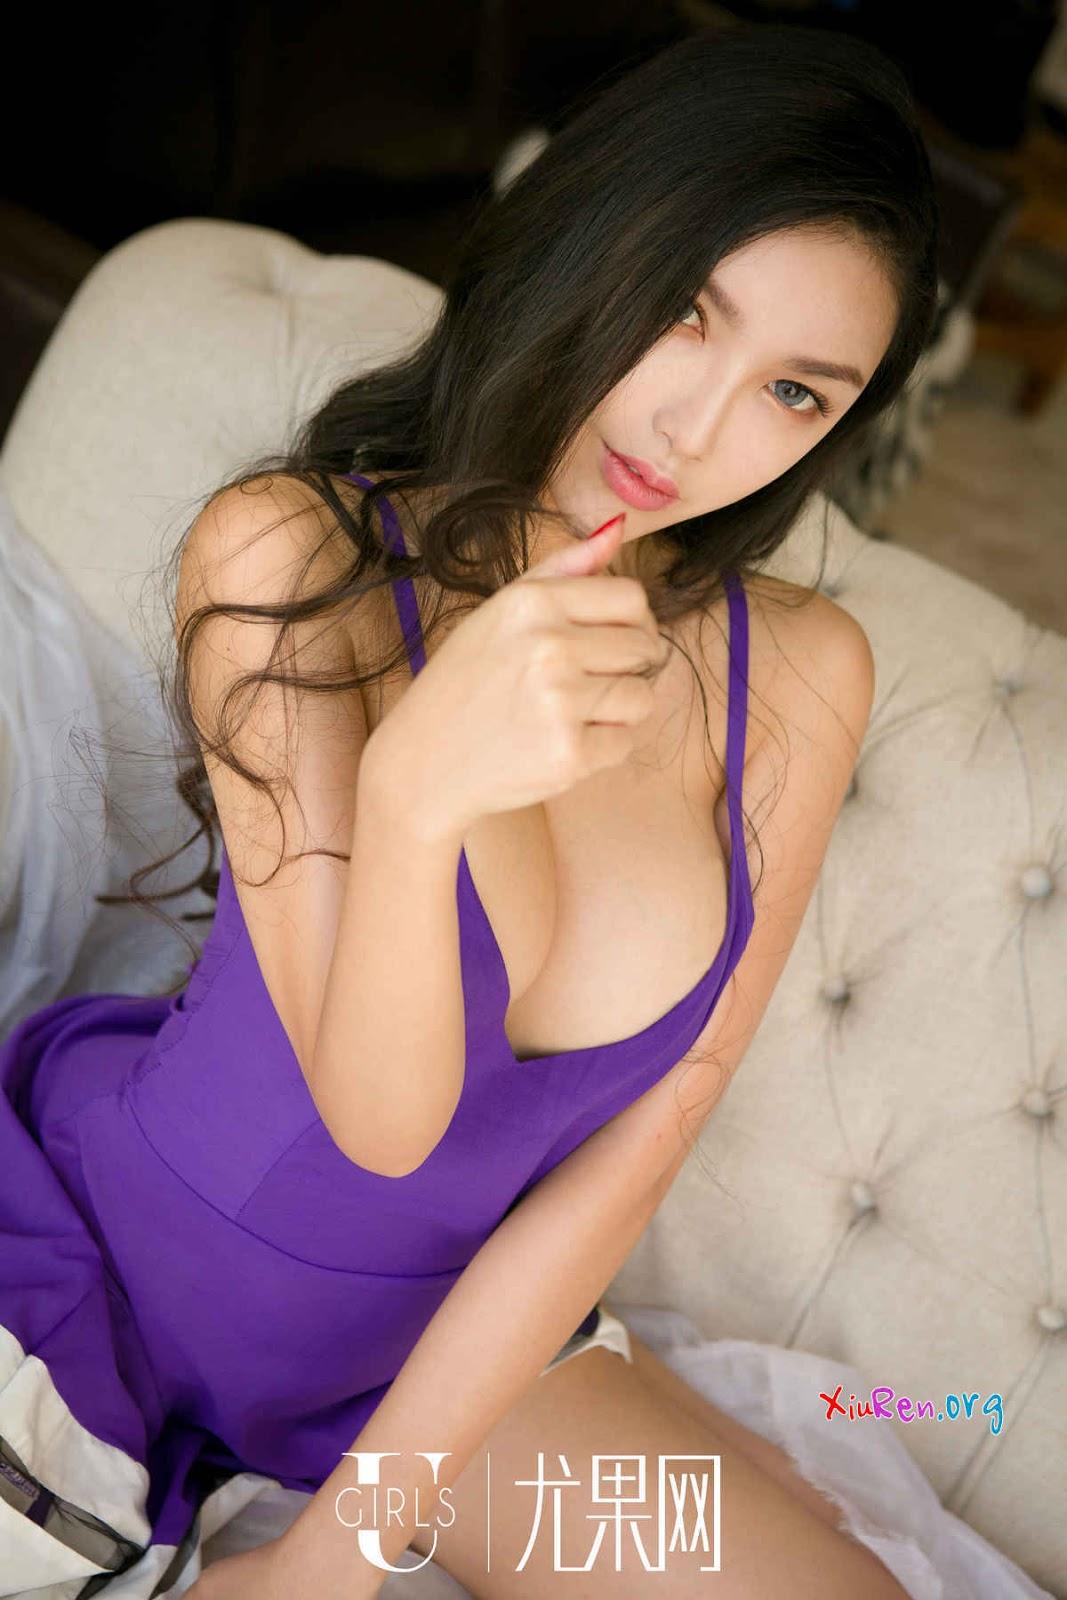 Gái đẹp china quyến rũ khoe ngực khủng cực chất